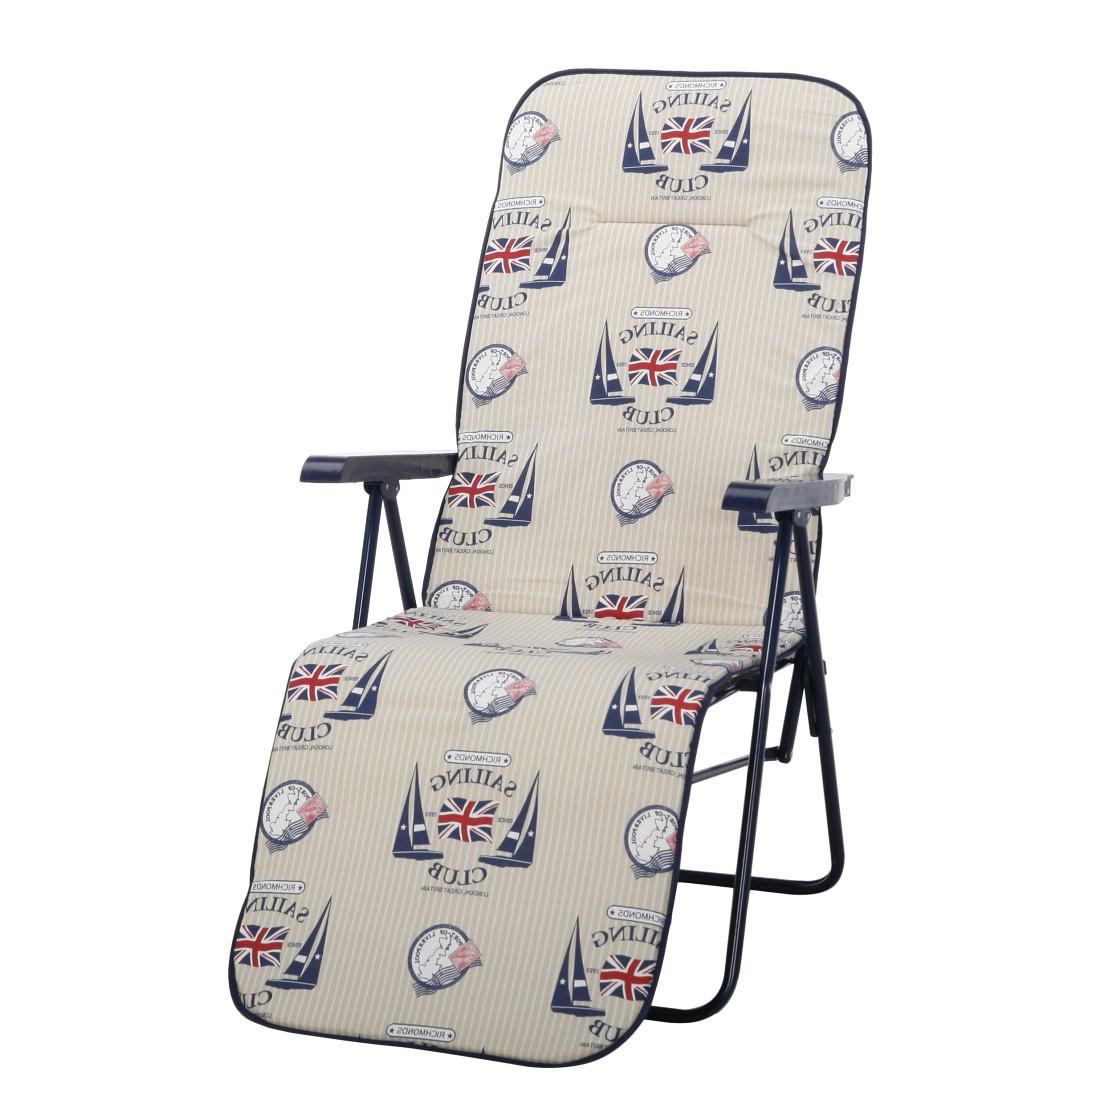 Home 24 - Chaise longue chiemsee (avec coussin rembourré) - tube en acier / textile - blanc / motif bleu - beige, best freizeitmöbel